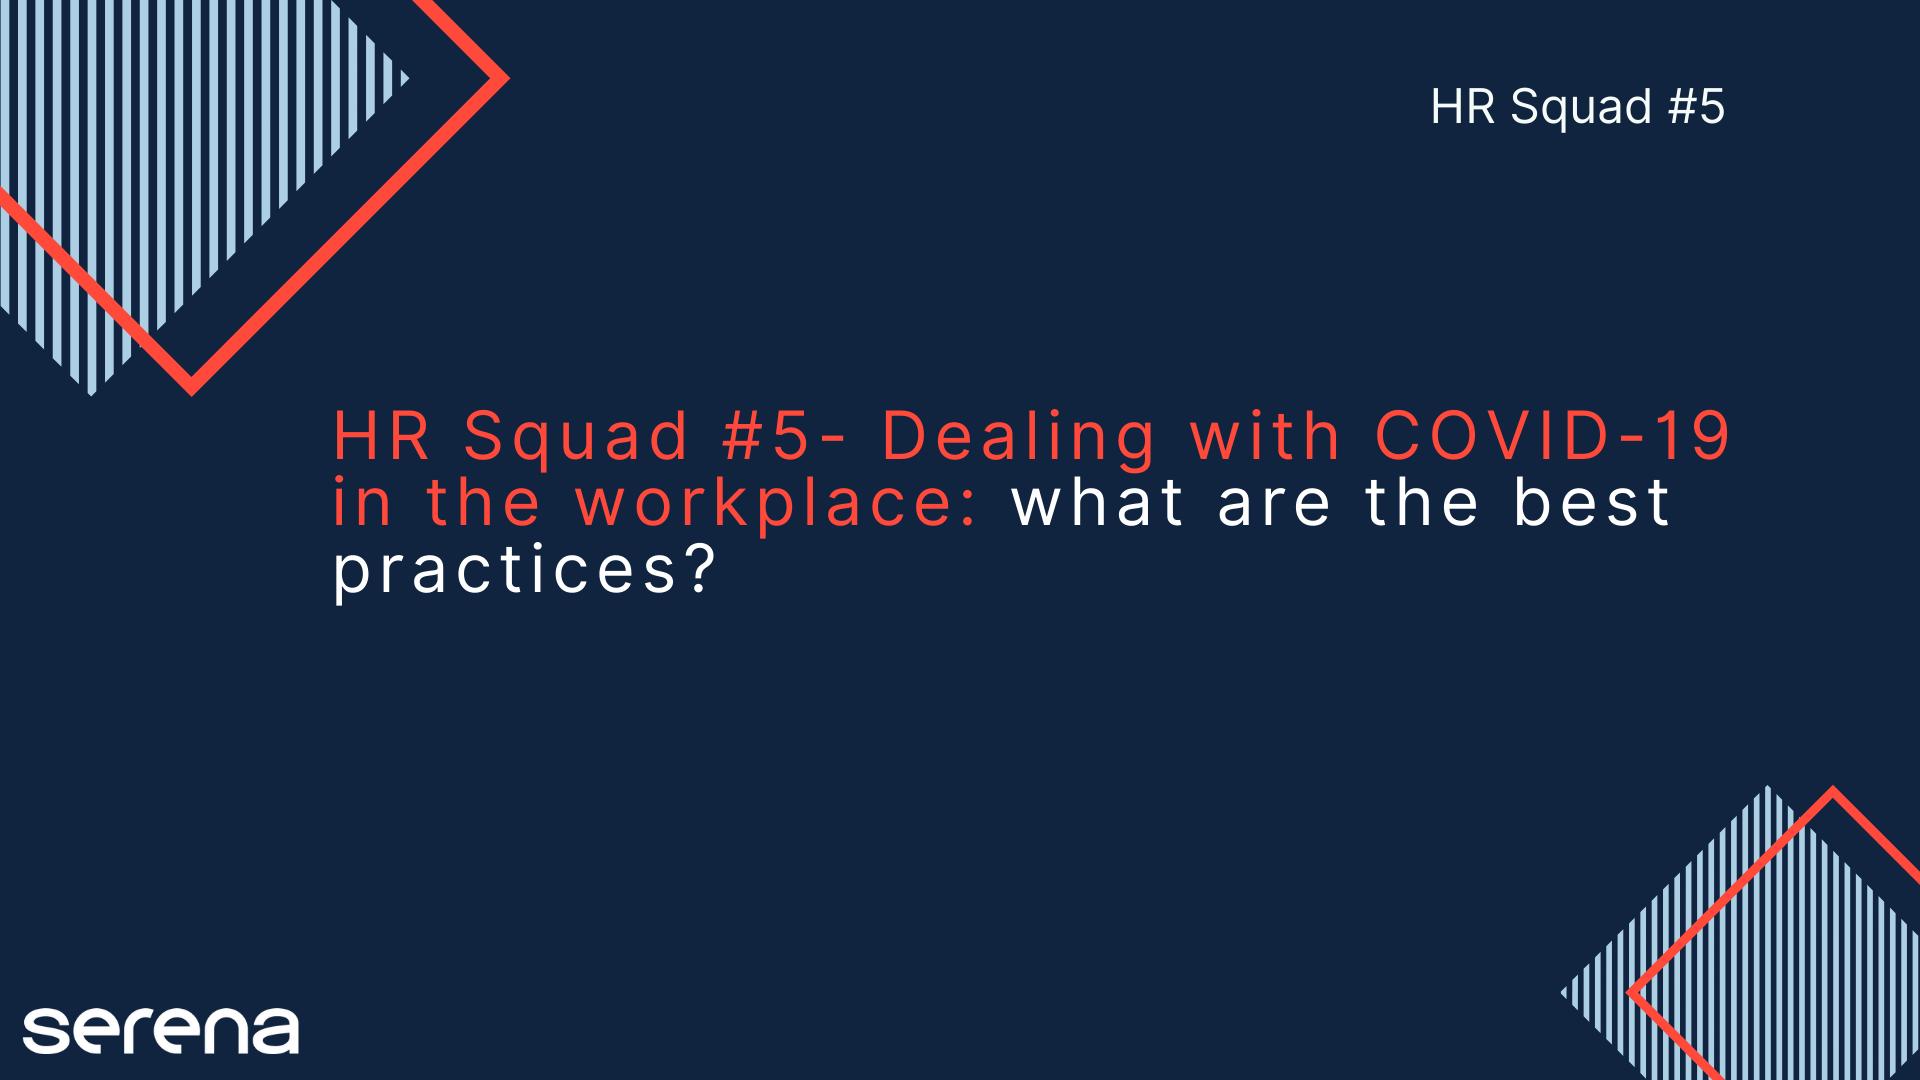 HR Squad #5